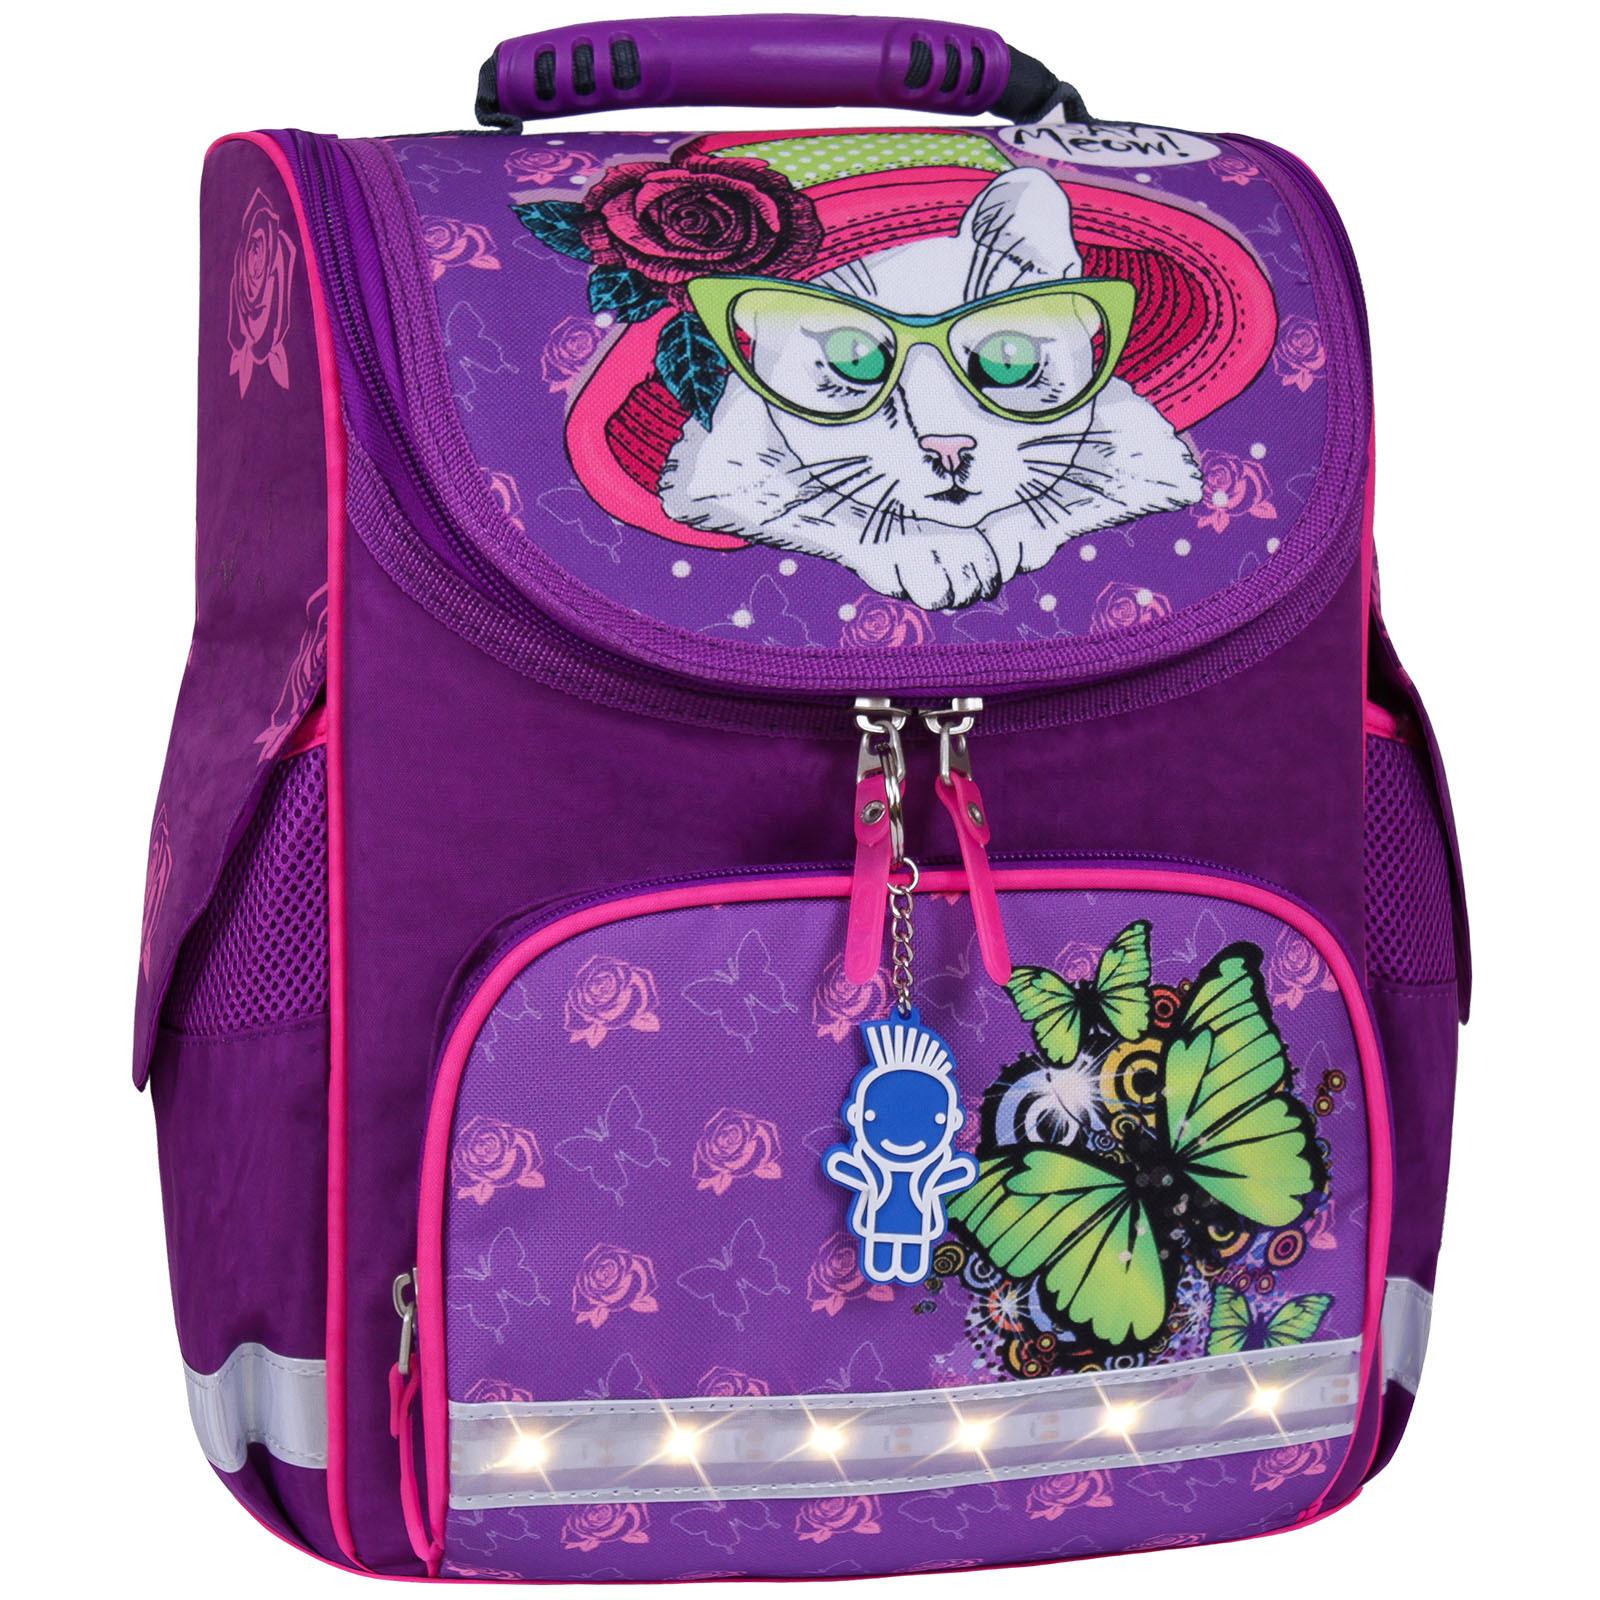 Школьные рюкзаки Рюкзак школьный каркасный с фонариками Bagland Успех 12 л. фиолетовый 168к (00551703) IMG_7180__168К_.jpg